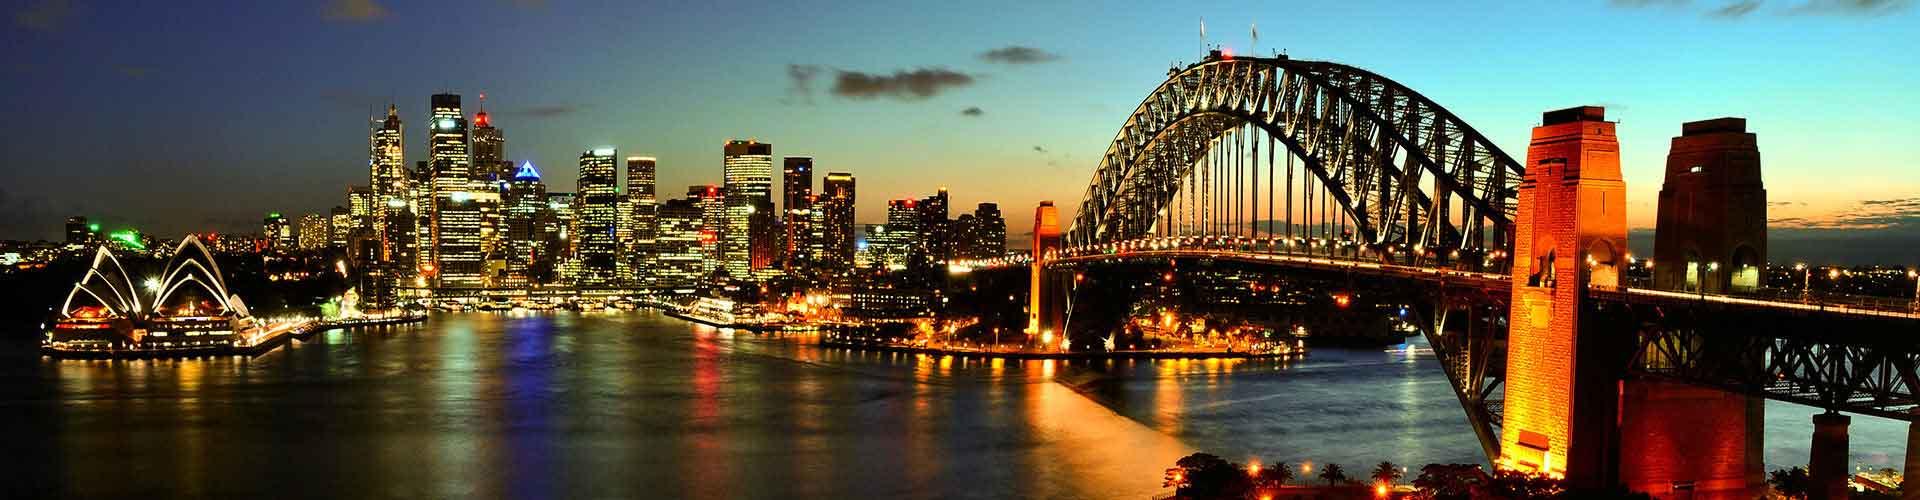 Sydney - Ubytovny ve čtvrti  Haymarket. Mapy pro Sydney, fotky a recenze pro každou ubytovnu - Sydney.